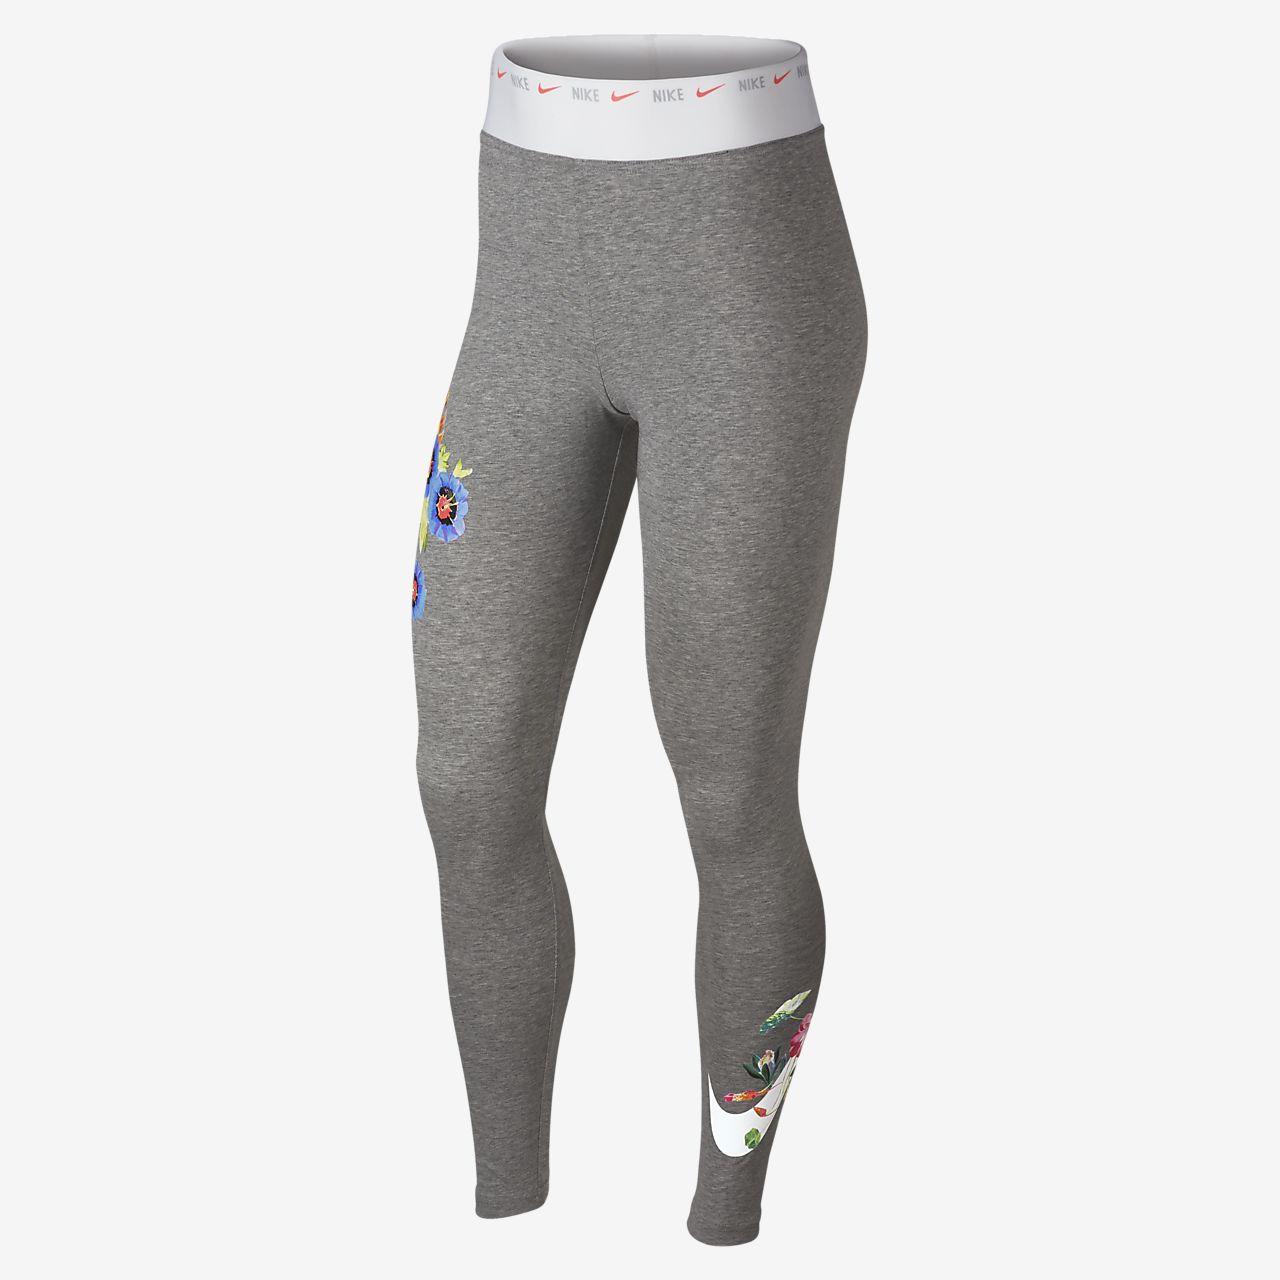 เลกกิ้งผู้หญิงมีกราฟิก Nike Sportswear